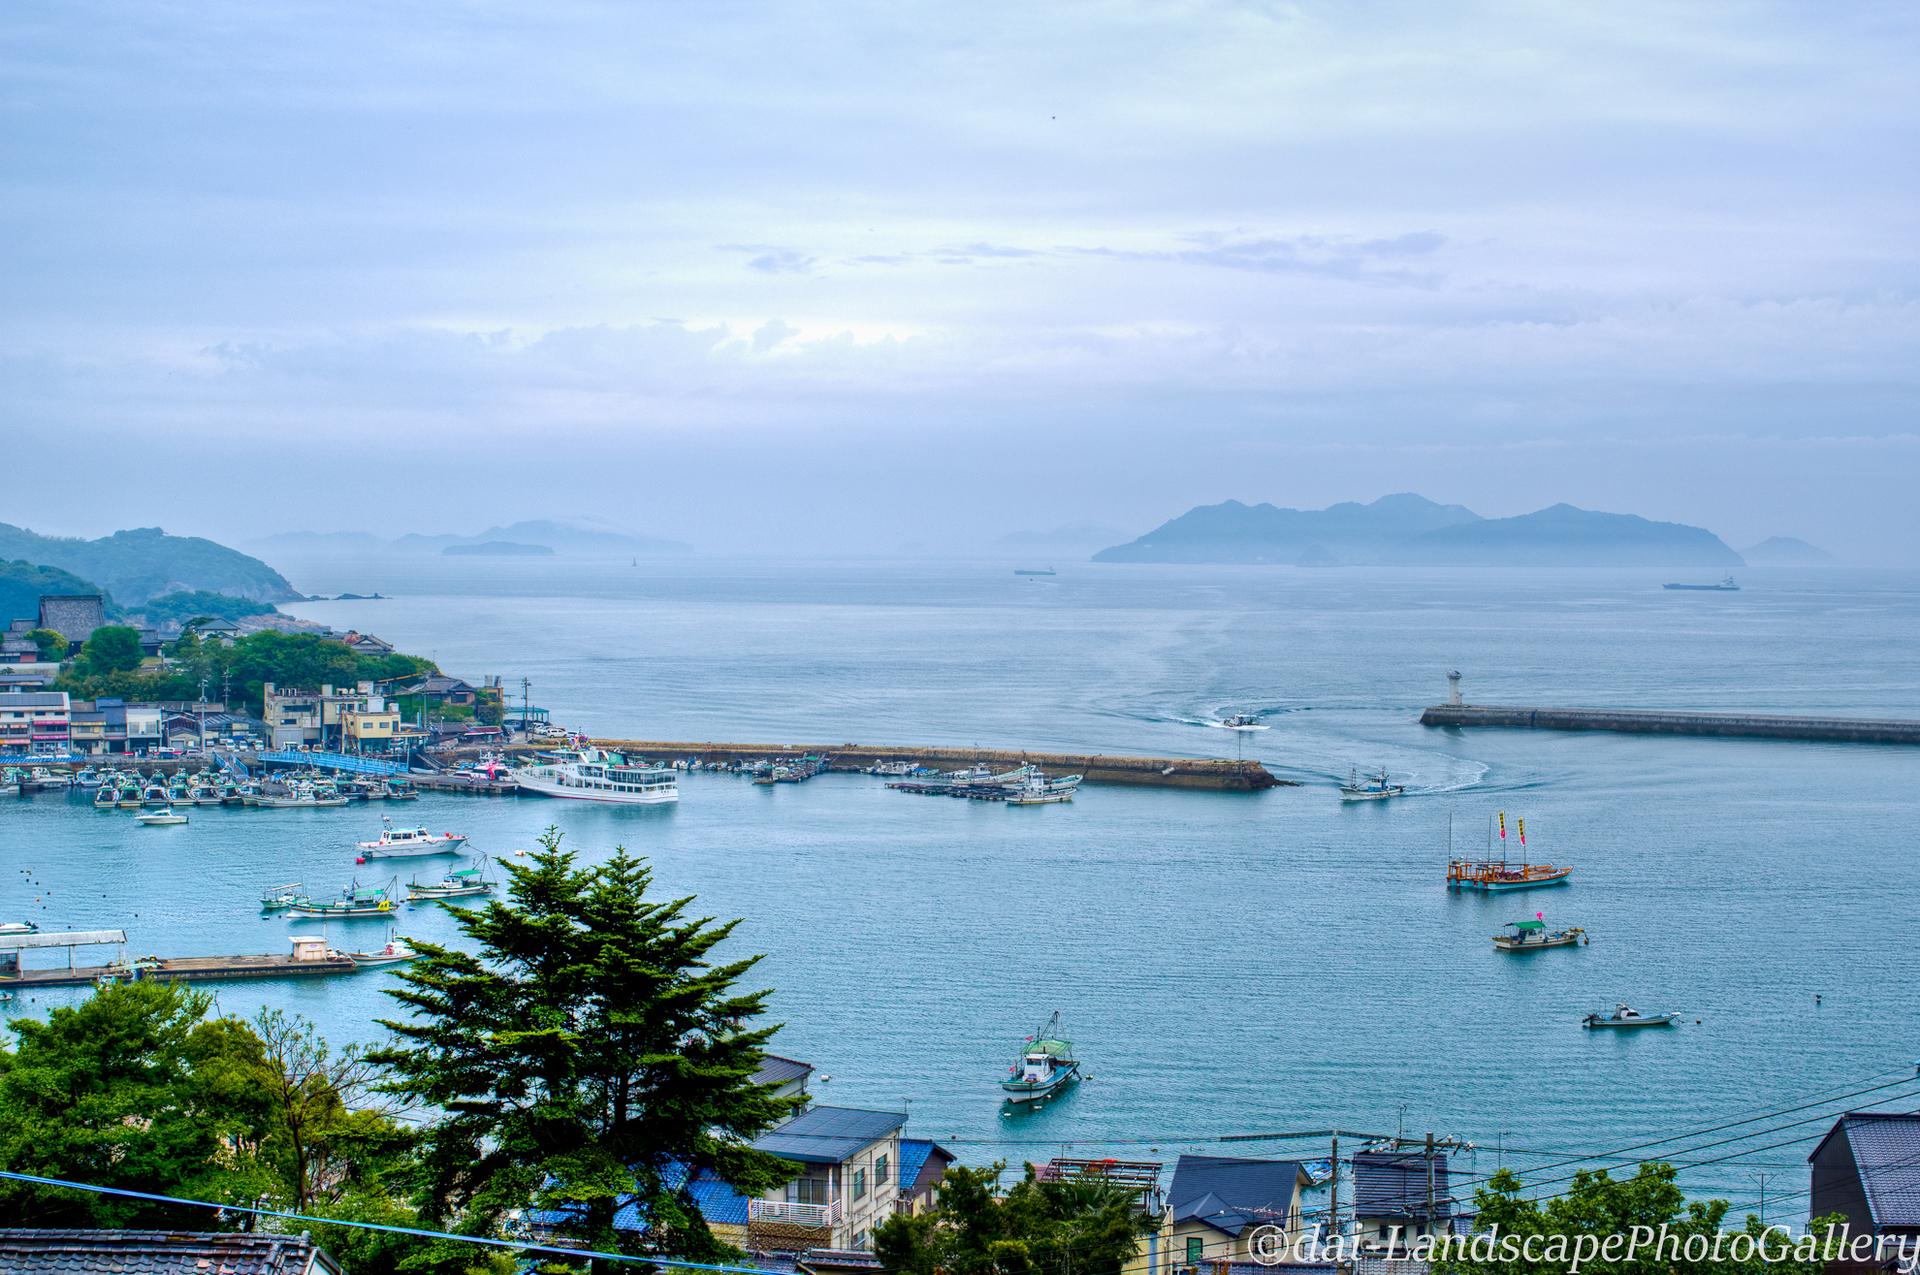 鞆の浦と曇り空の瀬戸内海【HDRi】